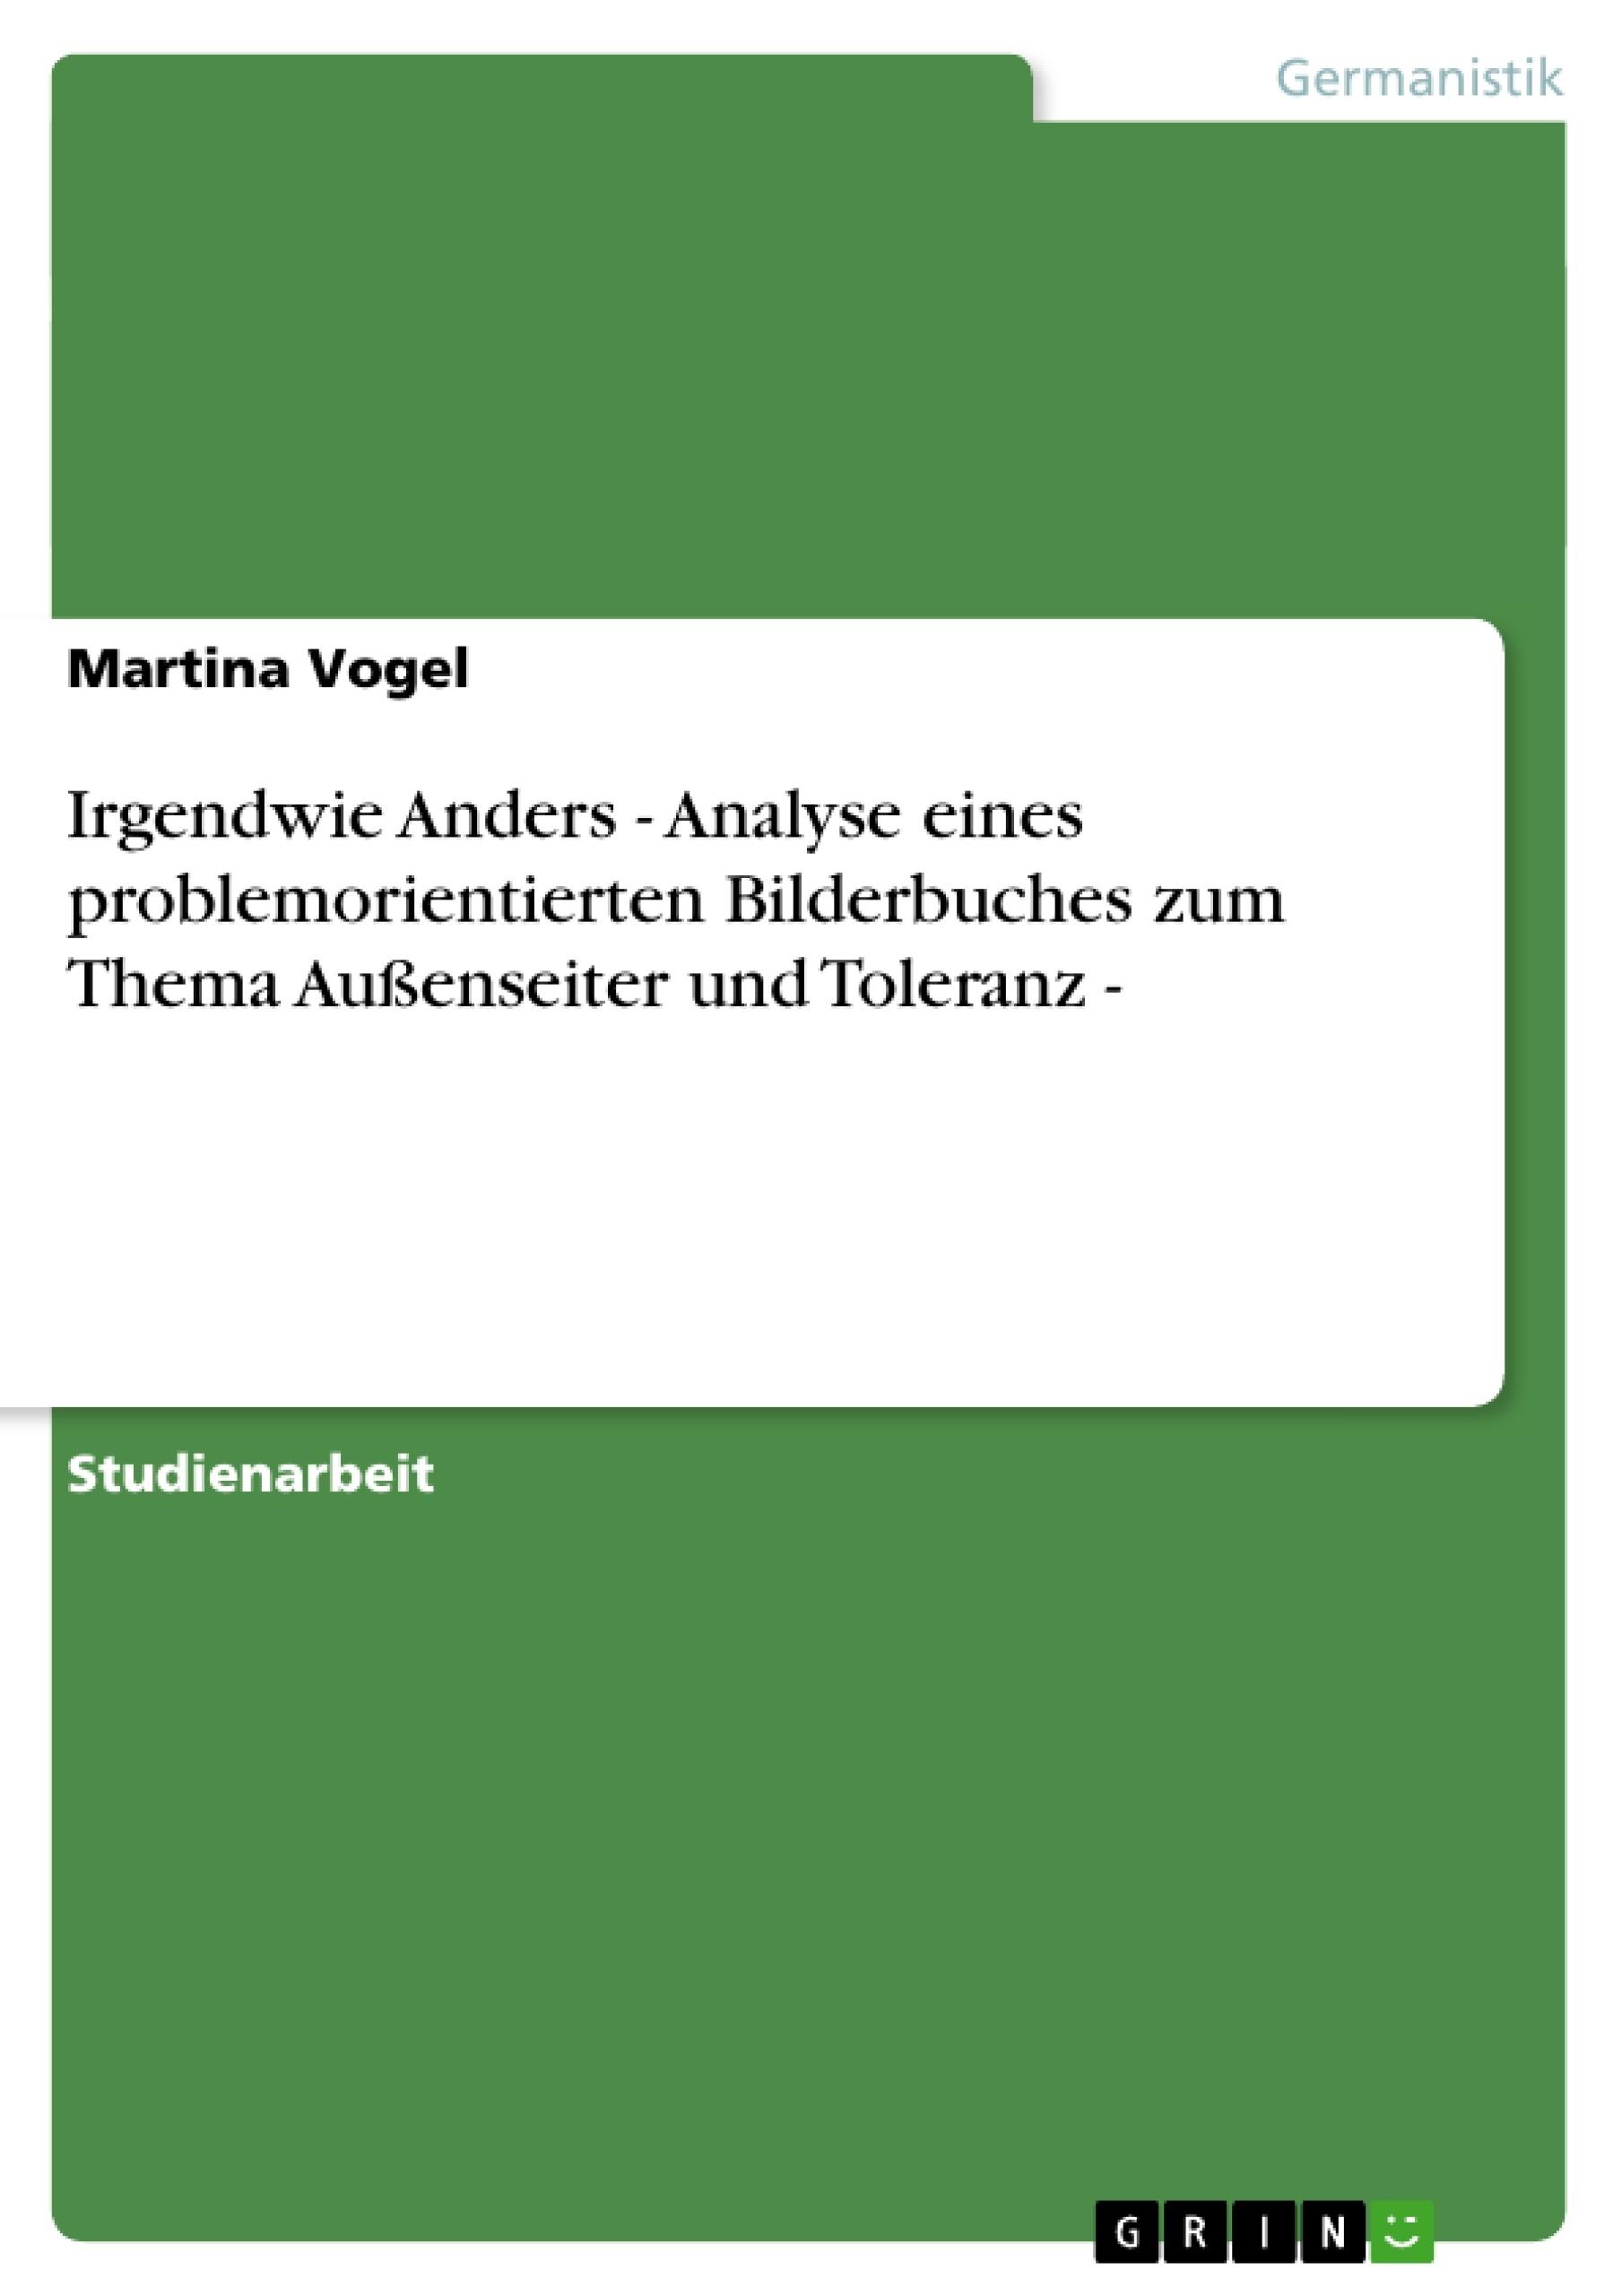 Titel: Irgendwie Anders - Analyse eines problemorientierten Bilderbuches zum Thema Außenseiter und Toleranz -